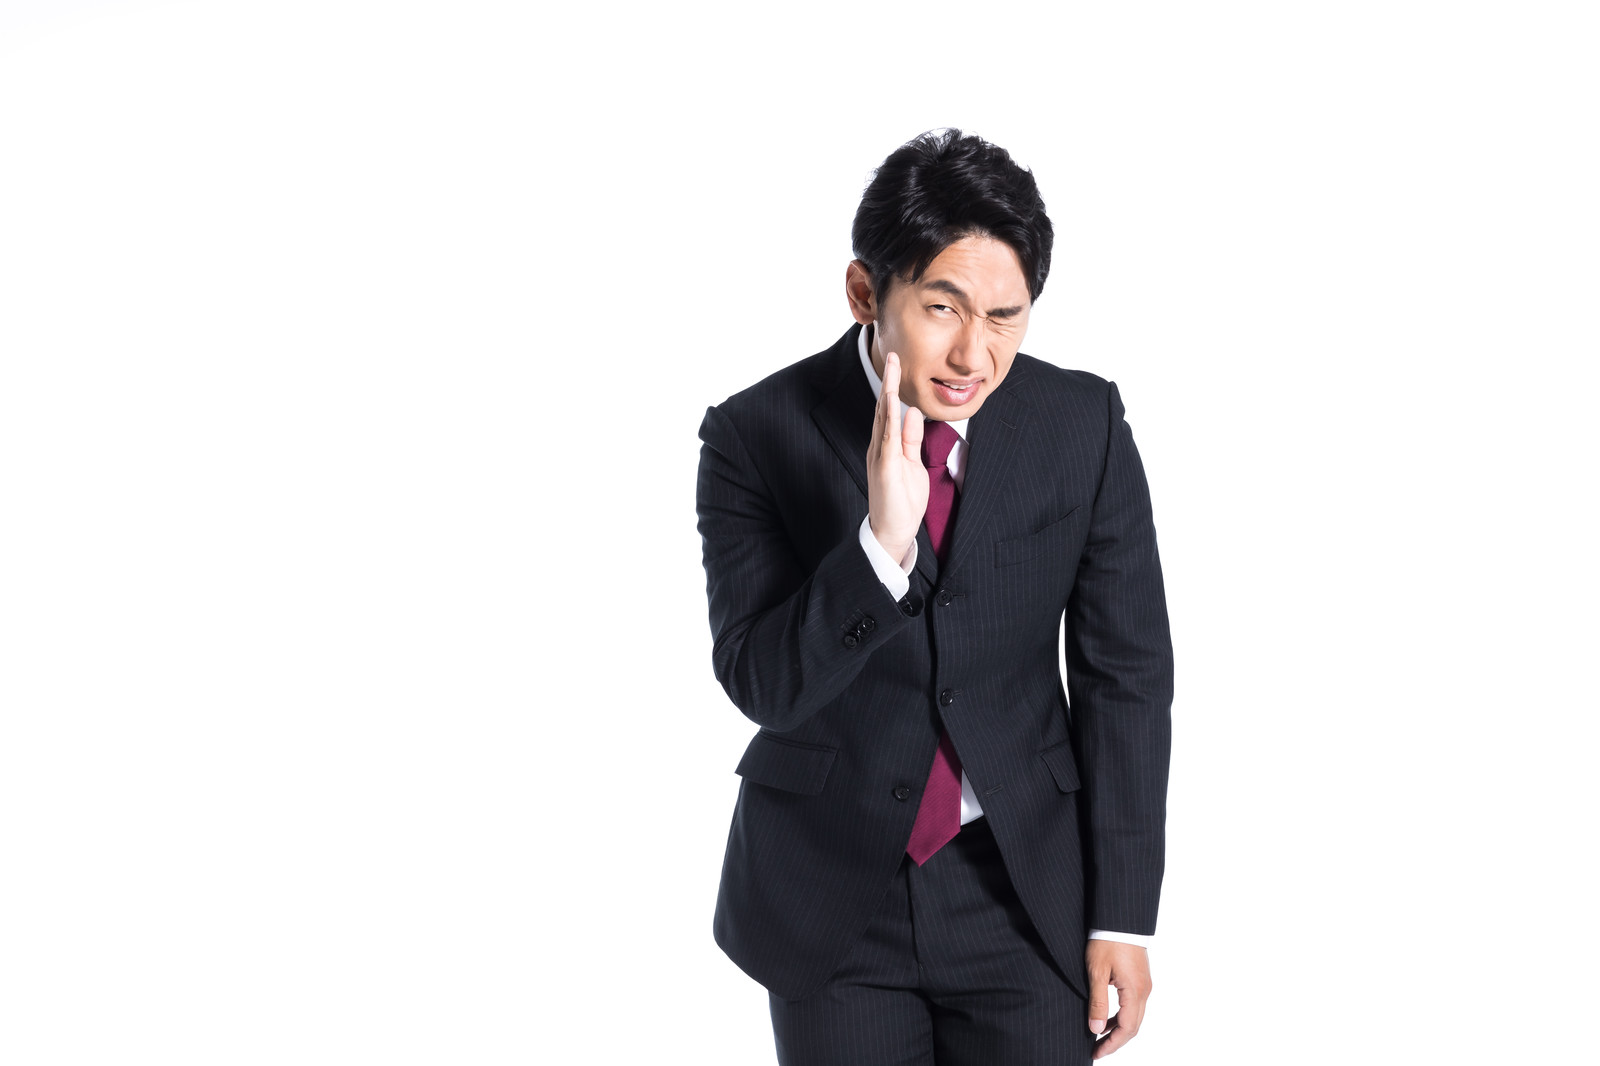 「「一生に一度のお願い!」を多用するダメ男」の写真[モデル:大川竜弥]